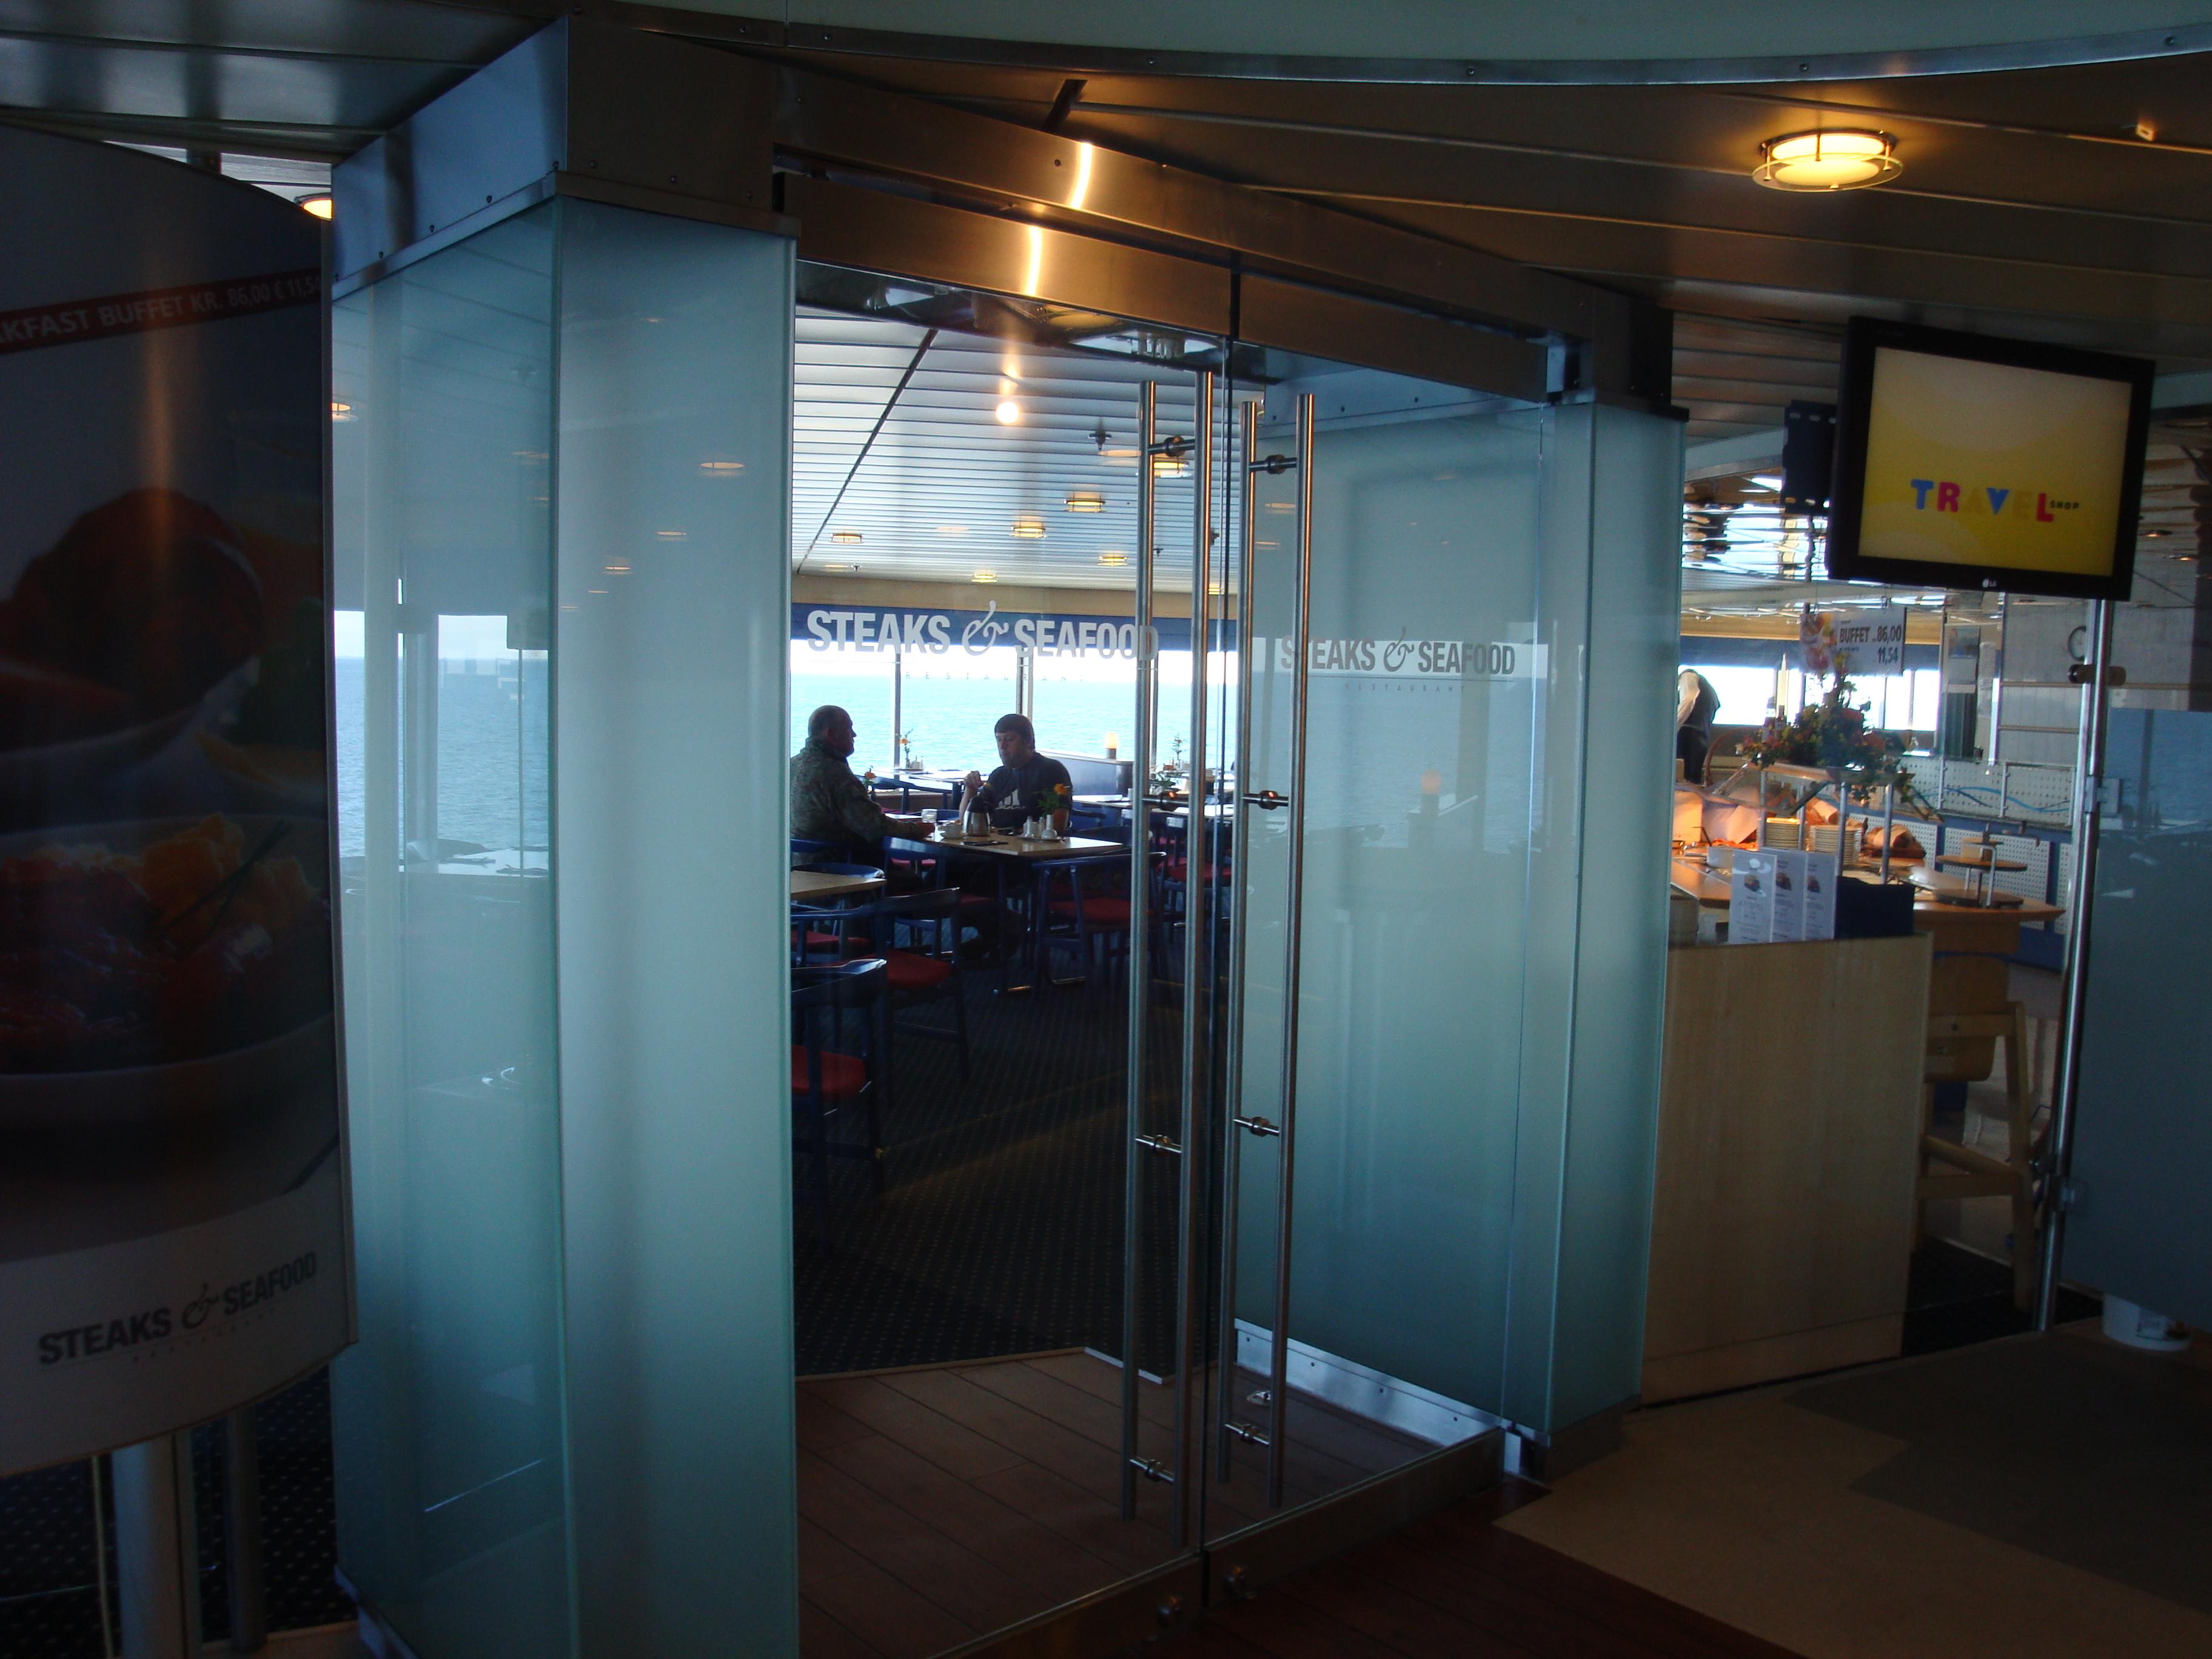 Indgang til kantine, udført i rustfast stål og glas.